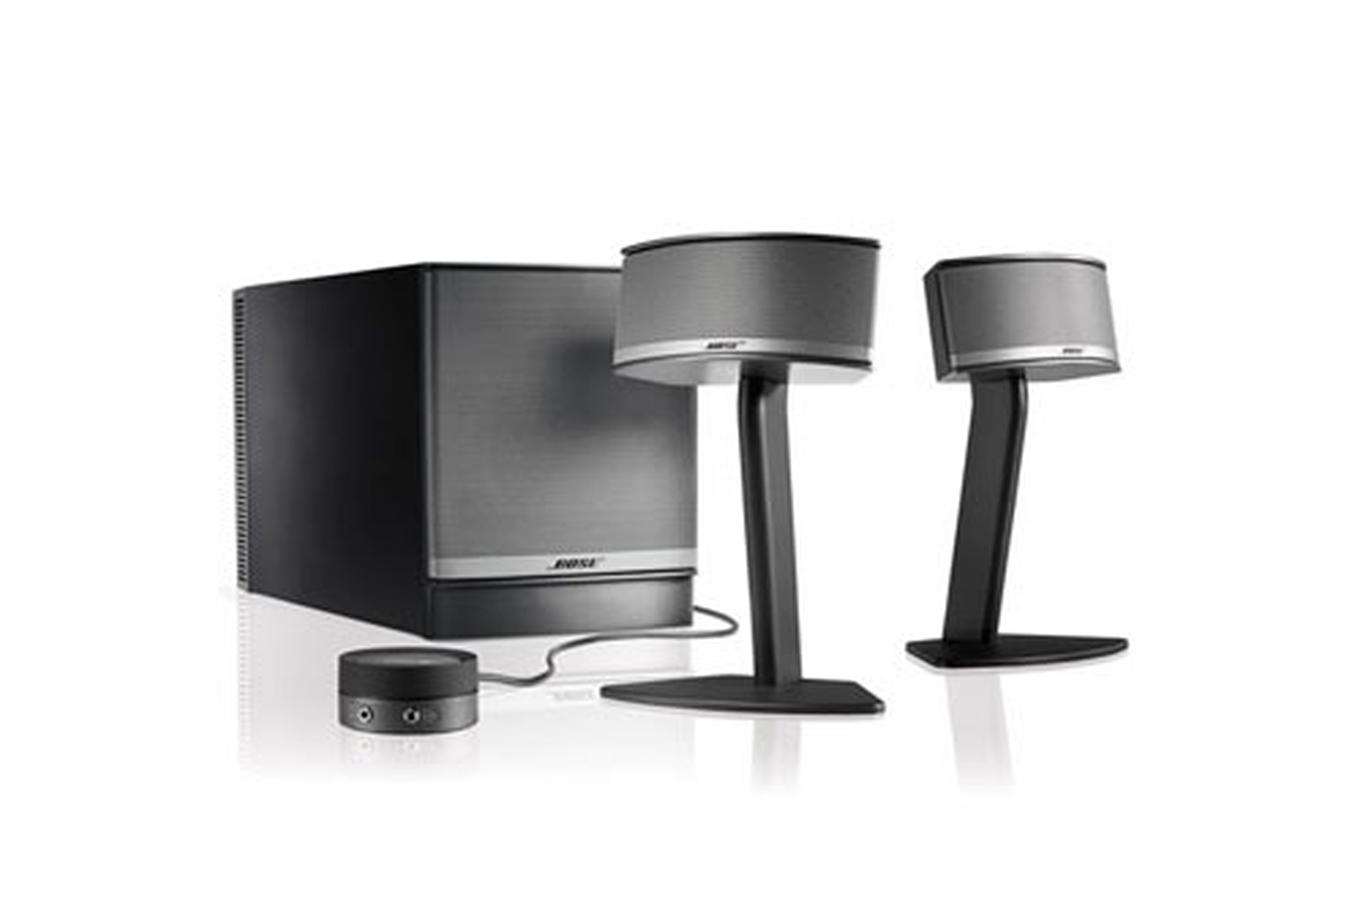 enceintes pour ordinateur portable bose. Black Bedroom Furniture Sets. Home Design Ideas